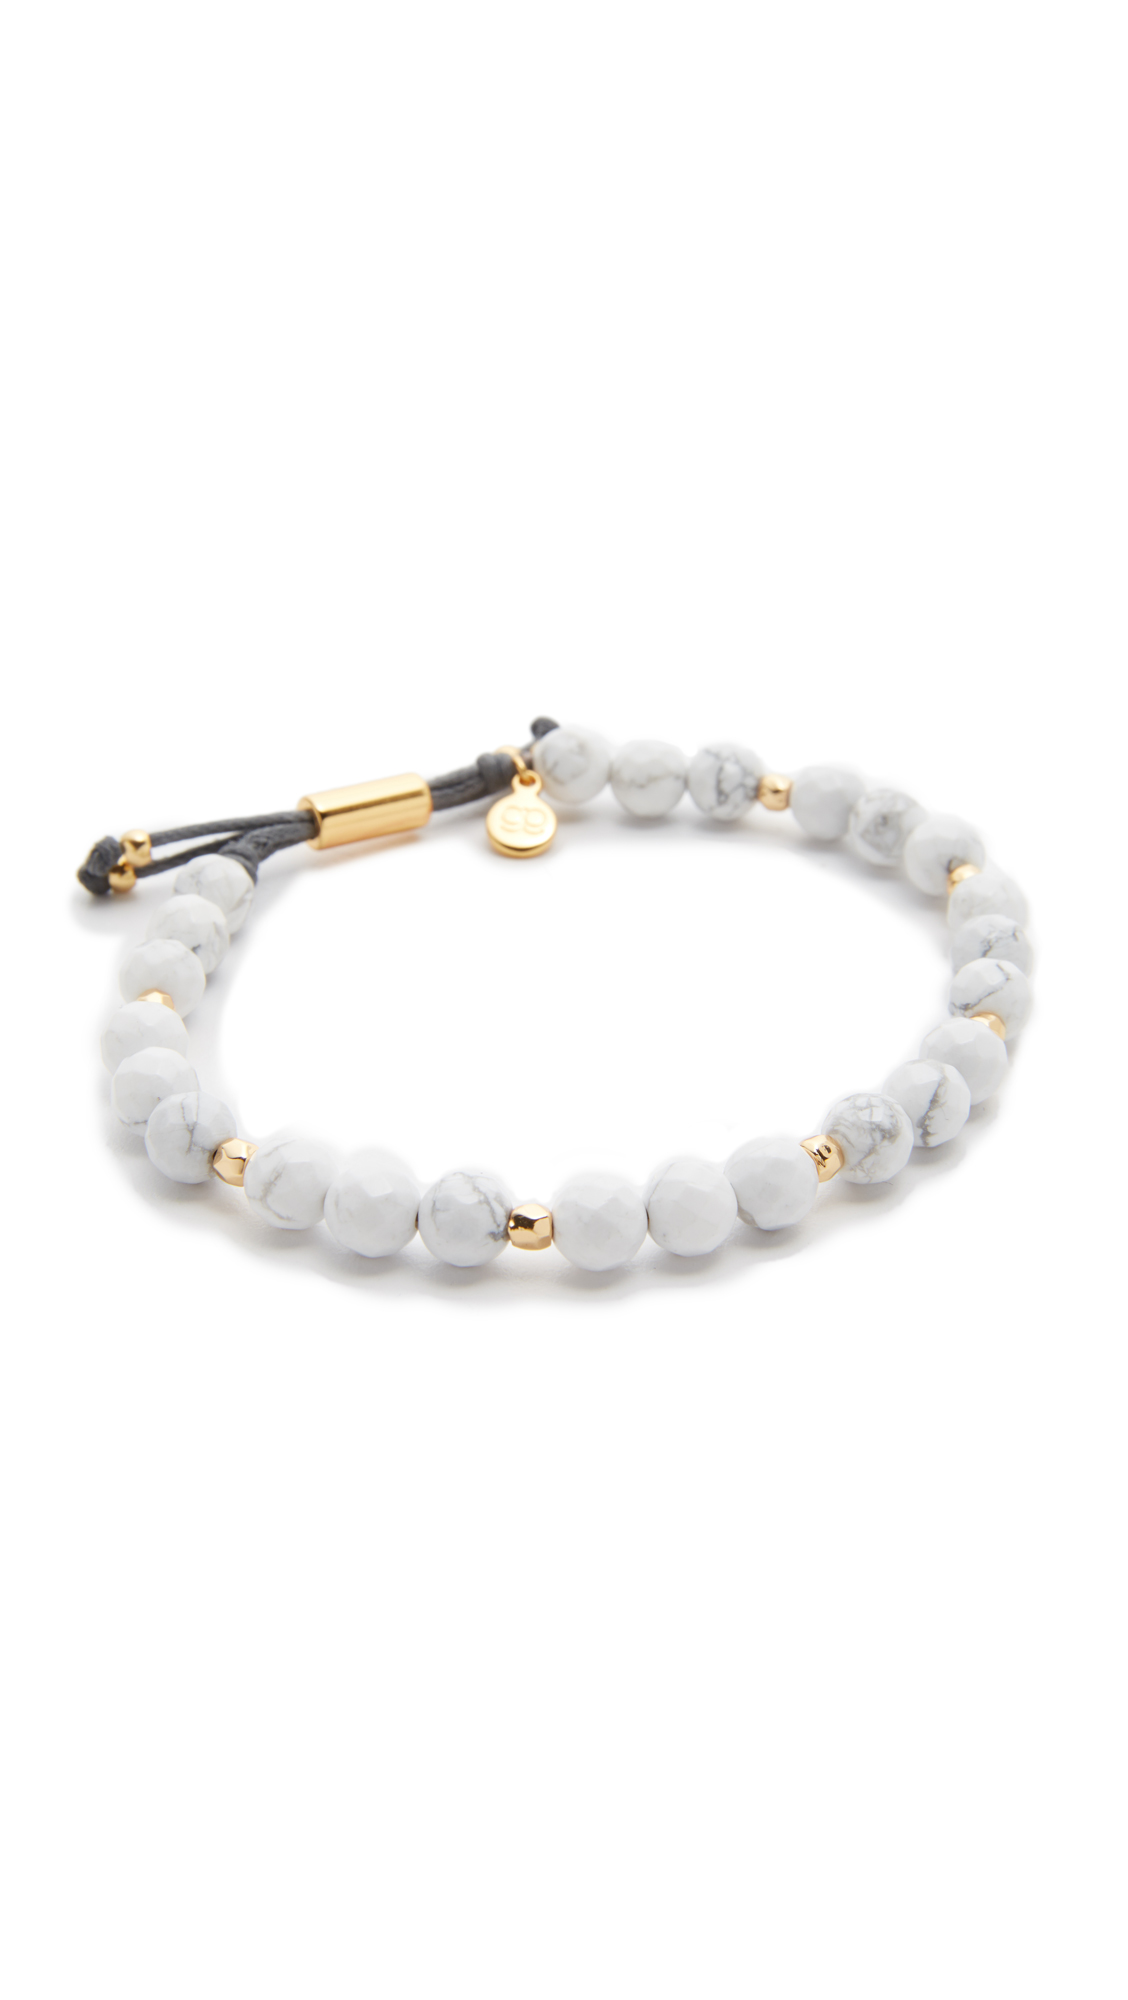 Gorjana Power Howlite Bracelet for Calming - Howlite/Gold